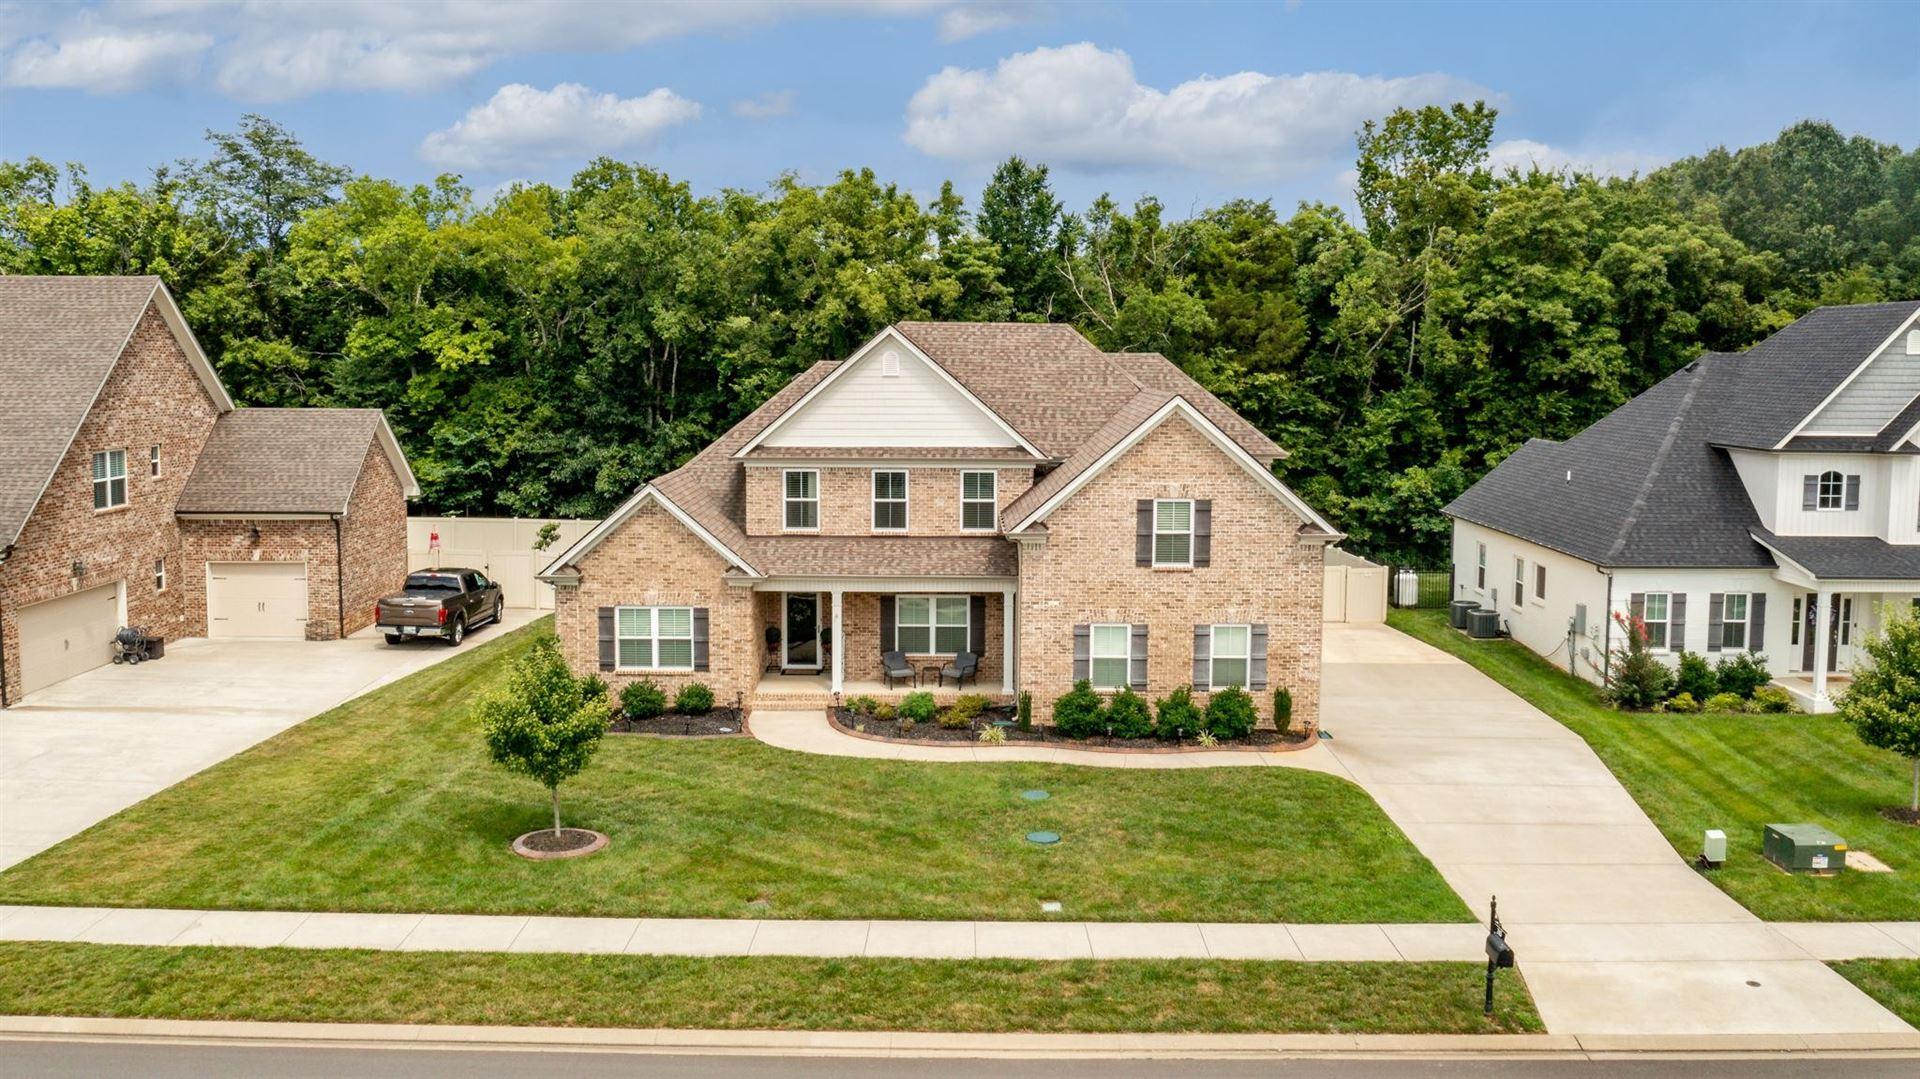 245 McClaran Pl, Murfreesboro, TN 37129 - MLS#: 2276428